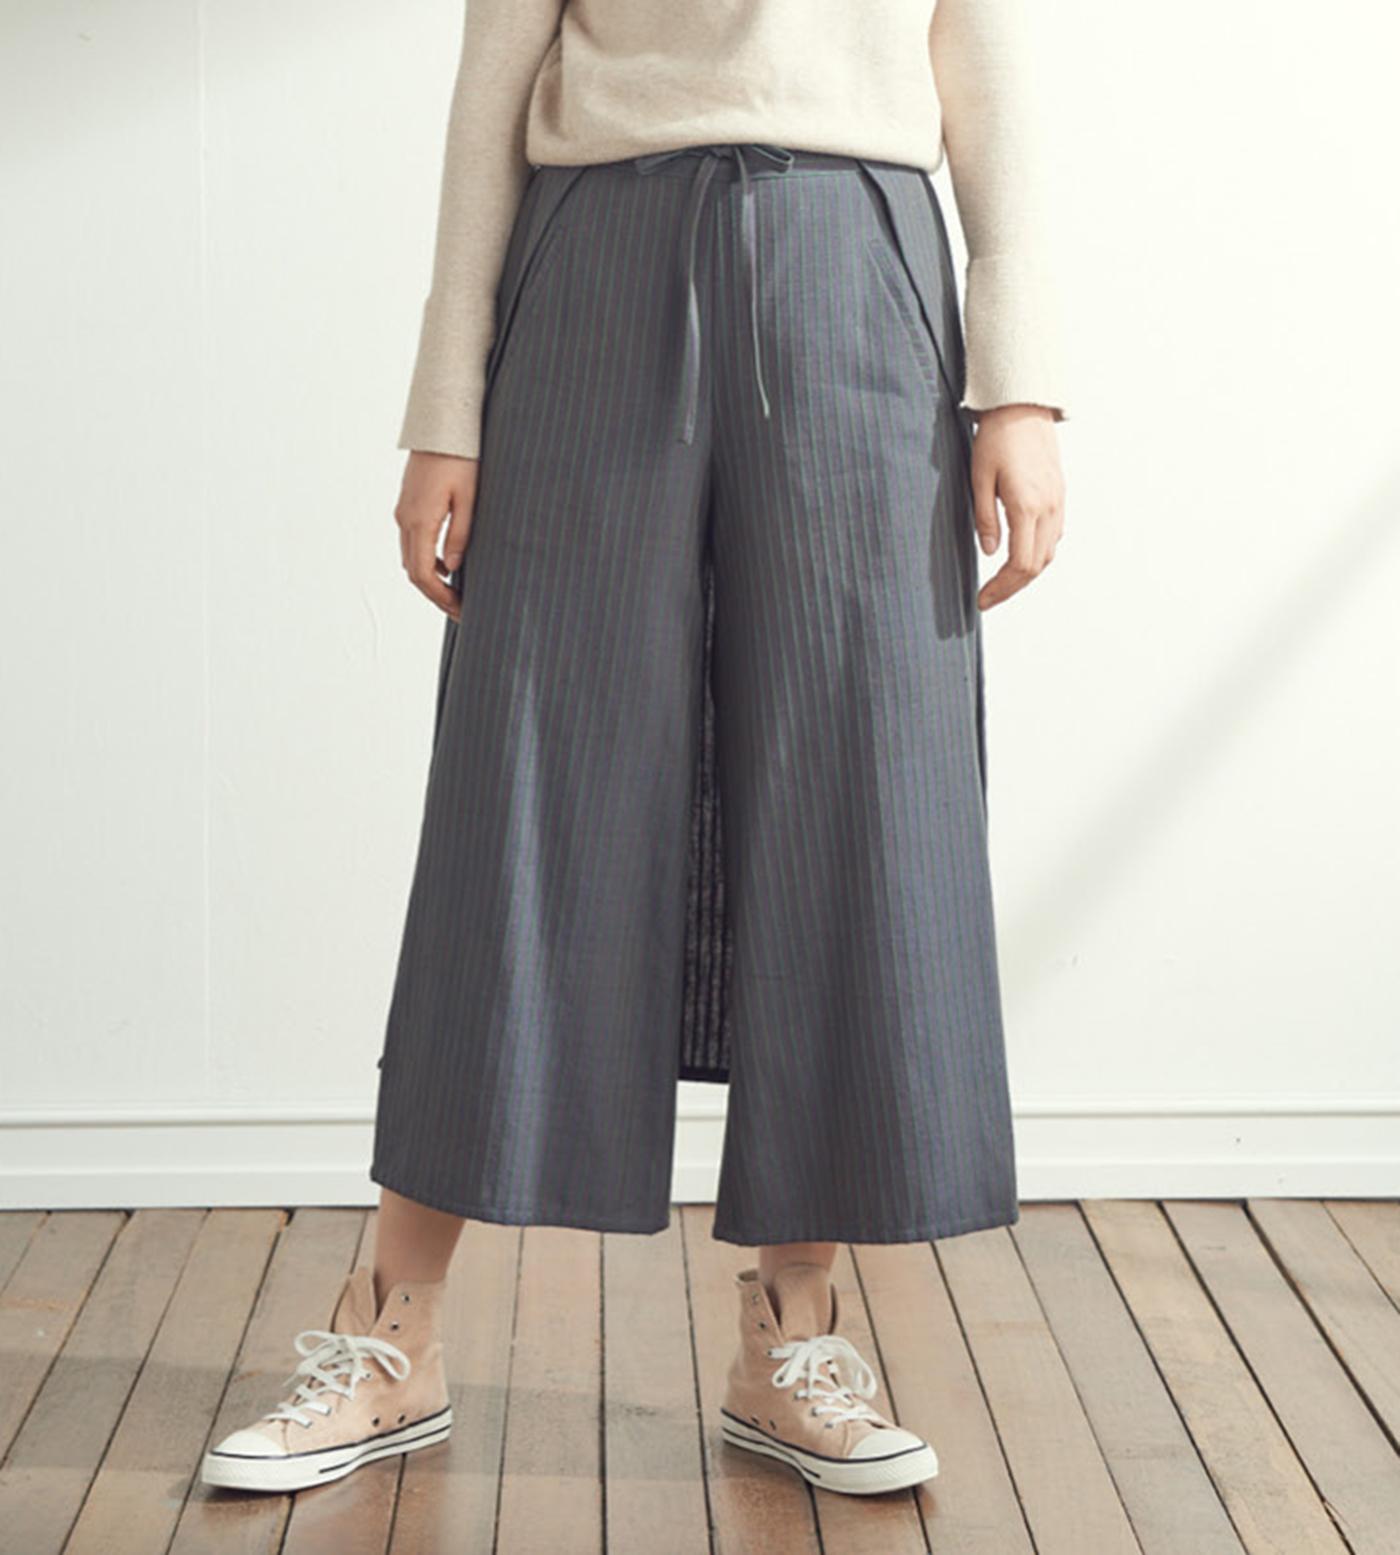 솔 백 랩 팬츠(Sol Back Wrap Pants) 상세이미지3